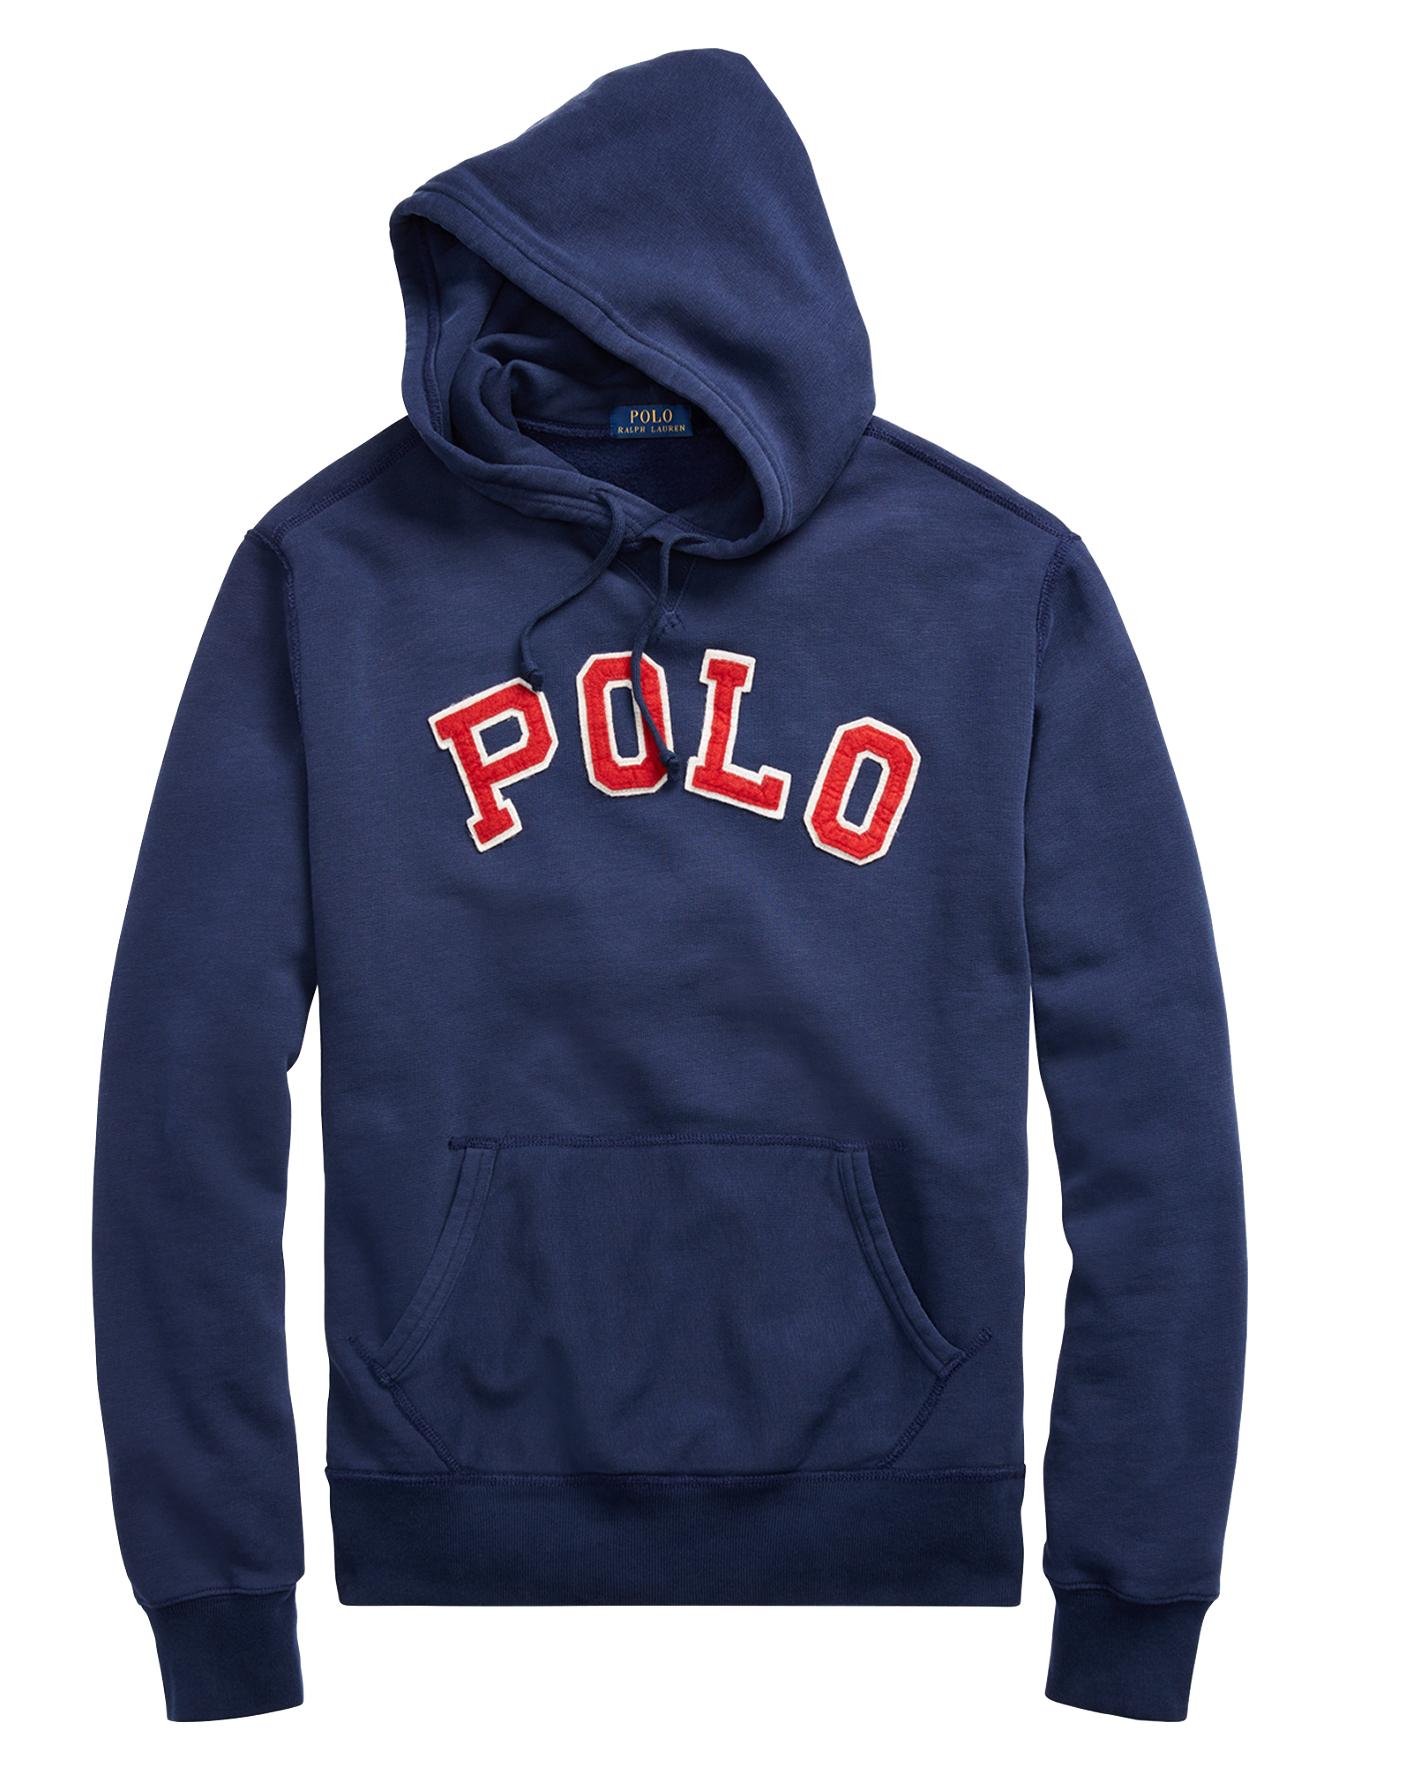 Men's Fleece Pullovers, Cotton Sweatshirts, & Hoodies   Ralph Lauren